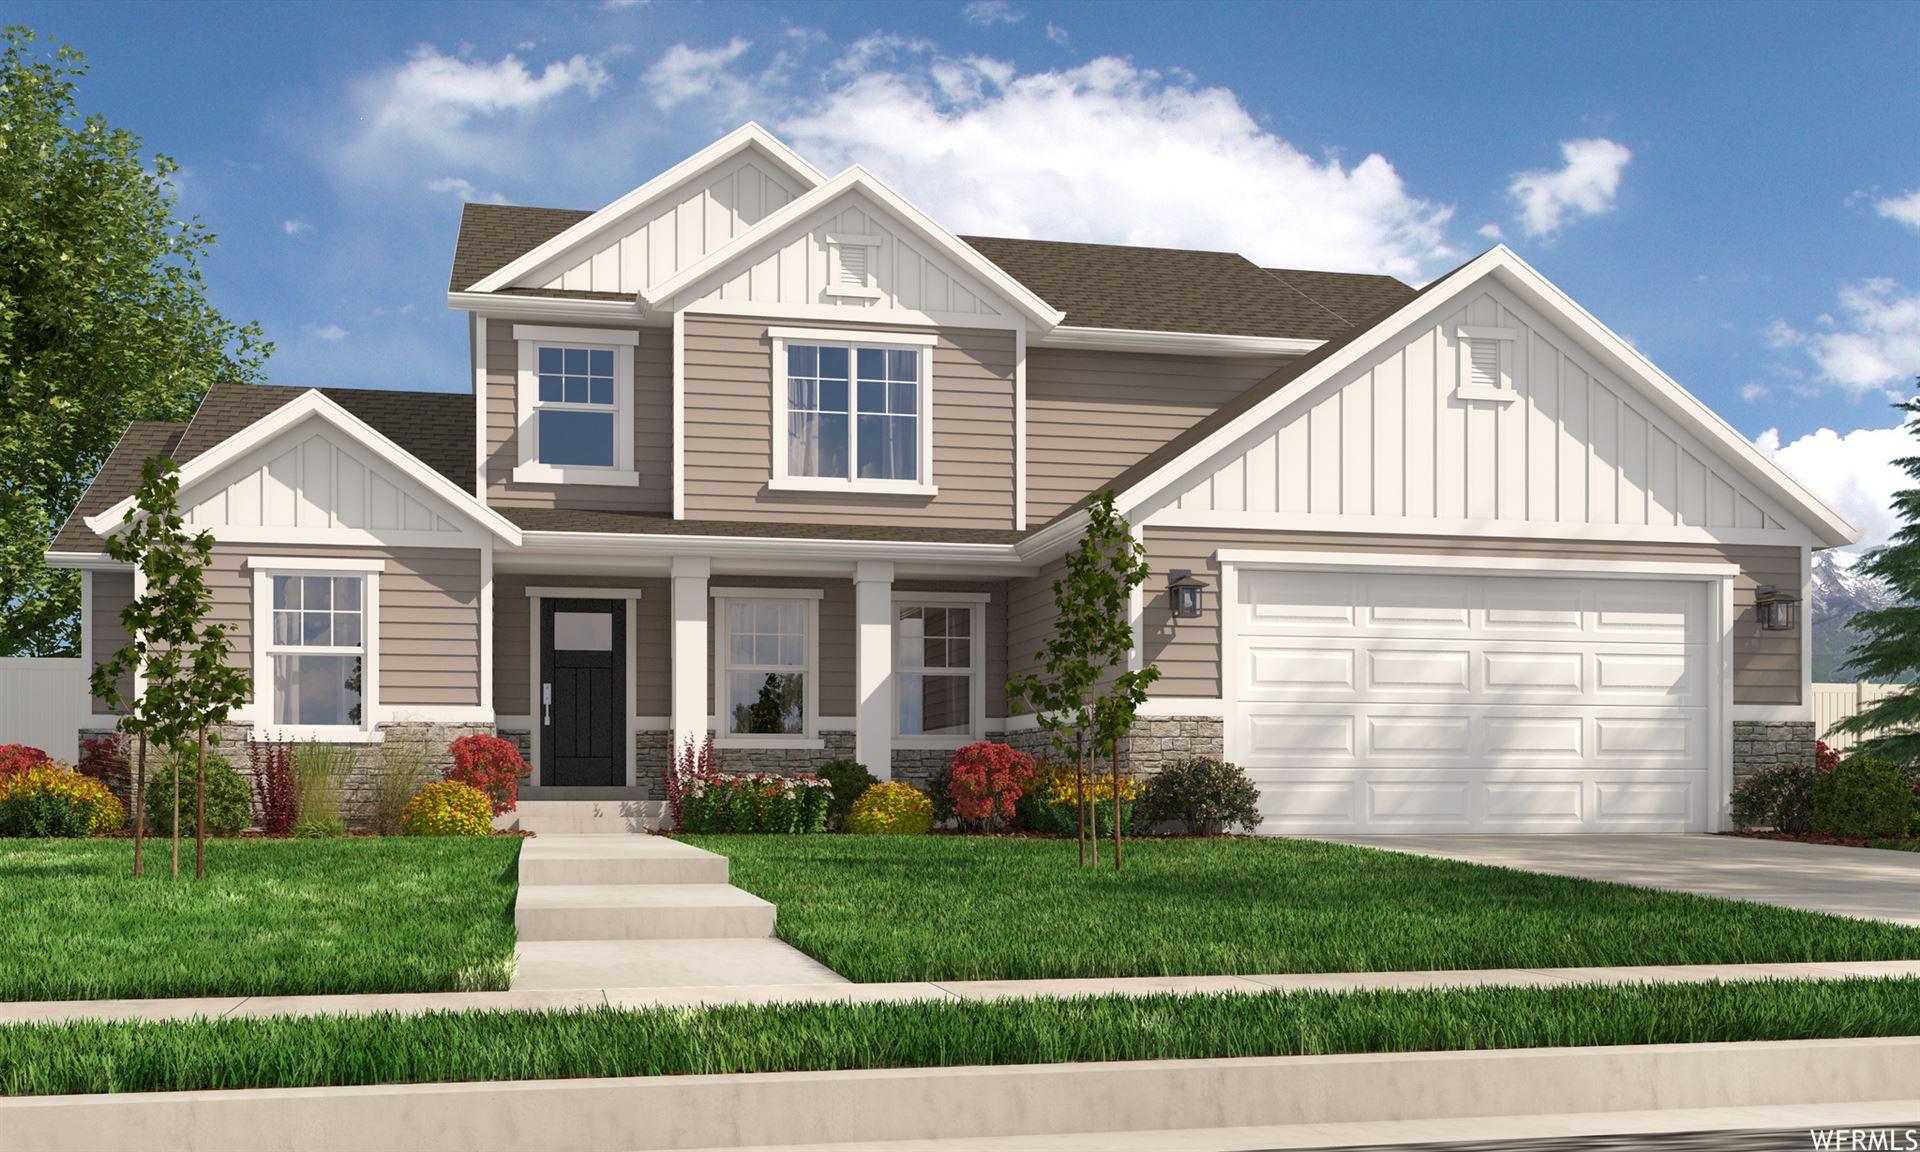 Photo of 1478 N 540 W #229, Saratoga Springs, UT 84043 (MLS # 1756673)